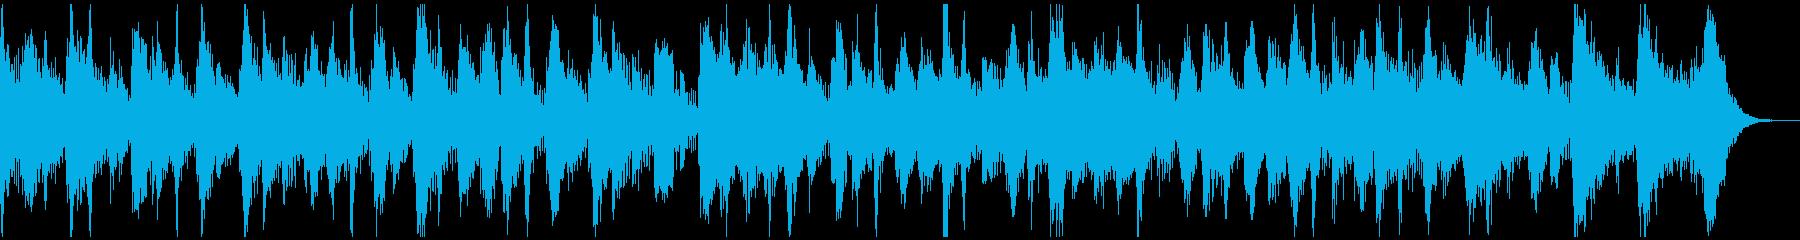 プラスの陽気なラテン 15秒タイプの再生済みの波形